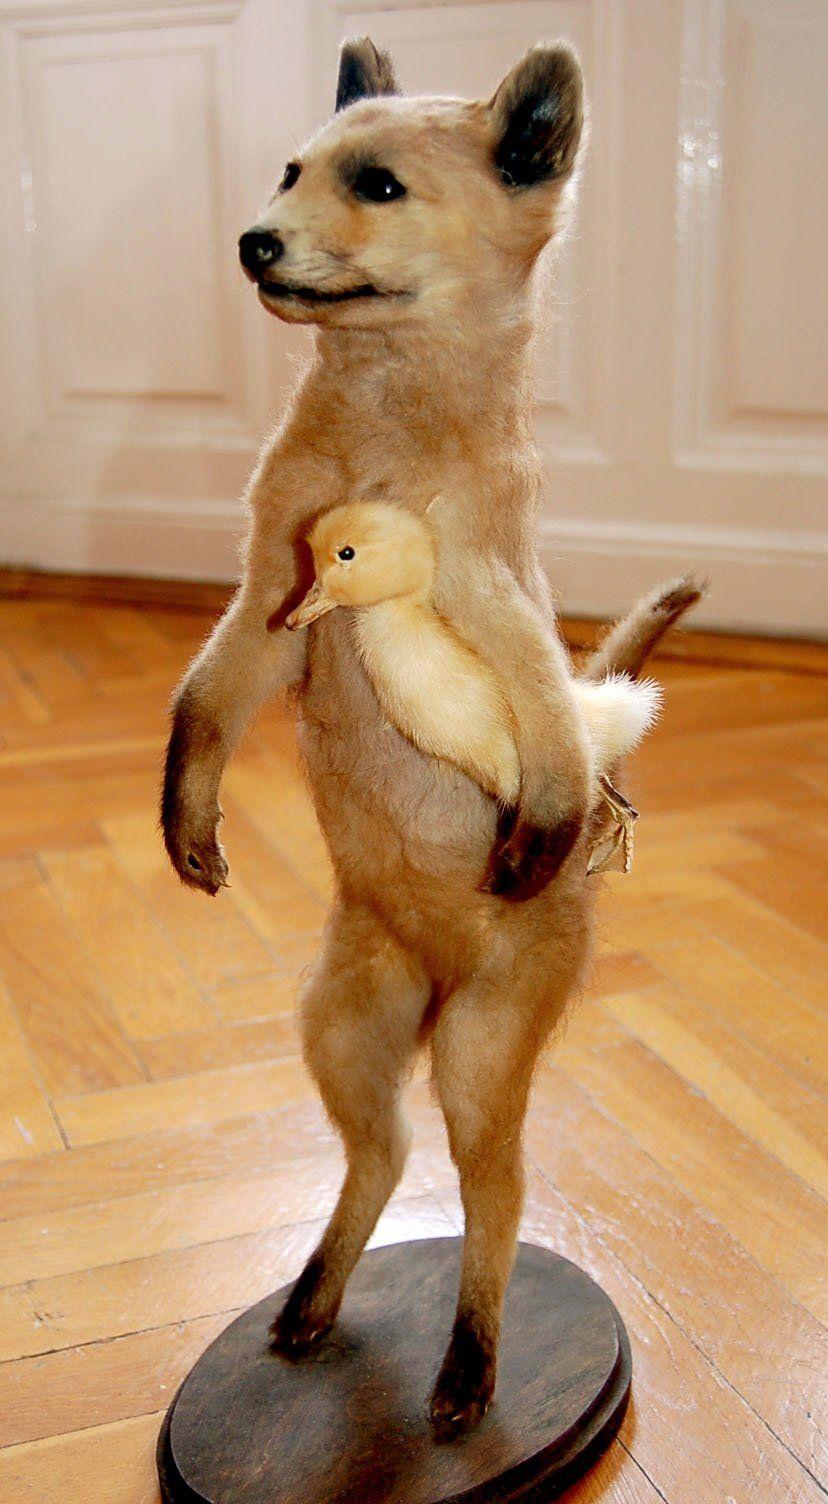 Fox With Duck Taxidermy Bad Taxidermy Bad Taxidermy Fox